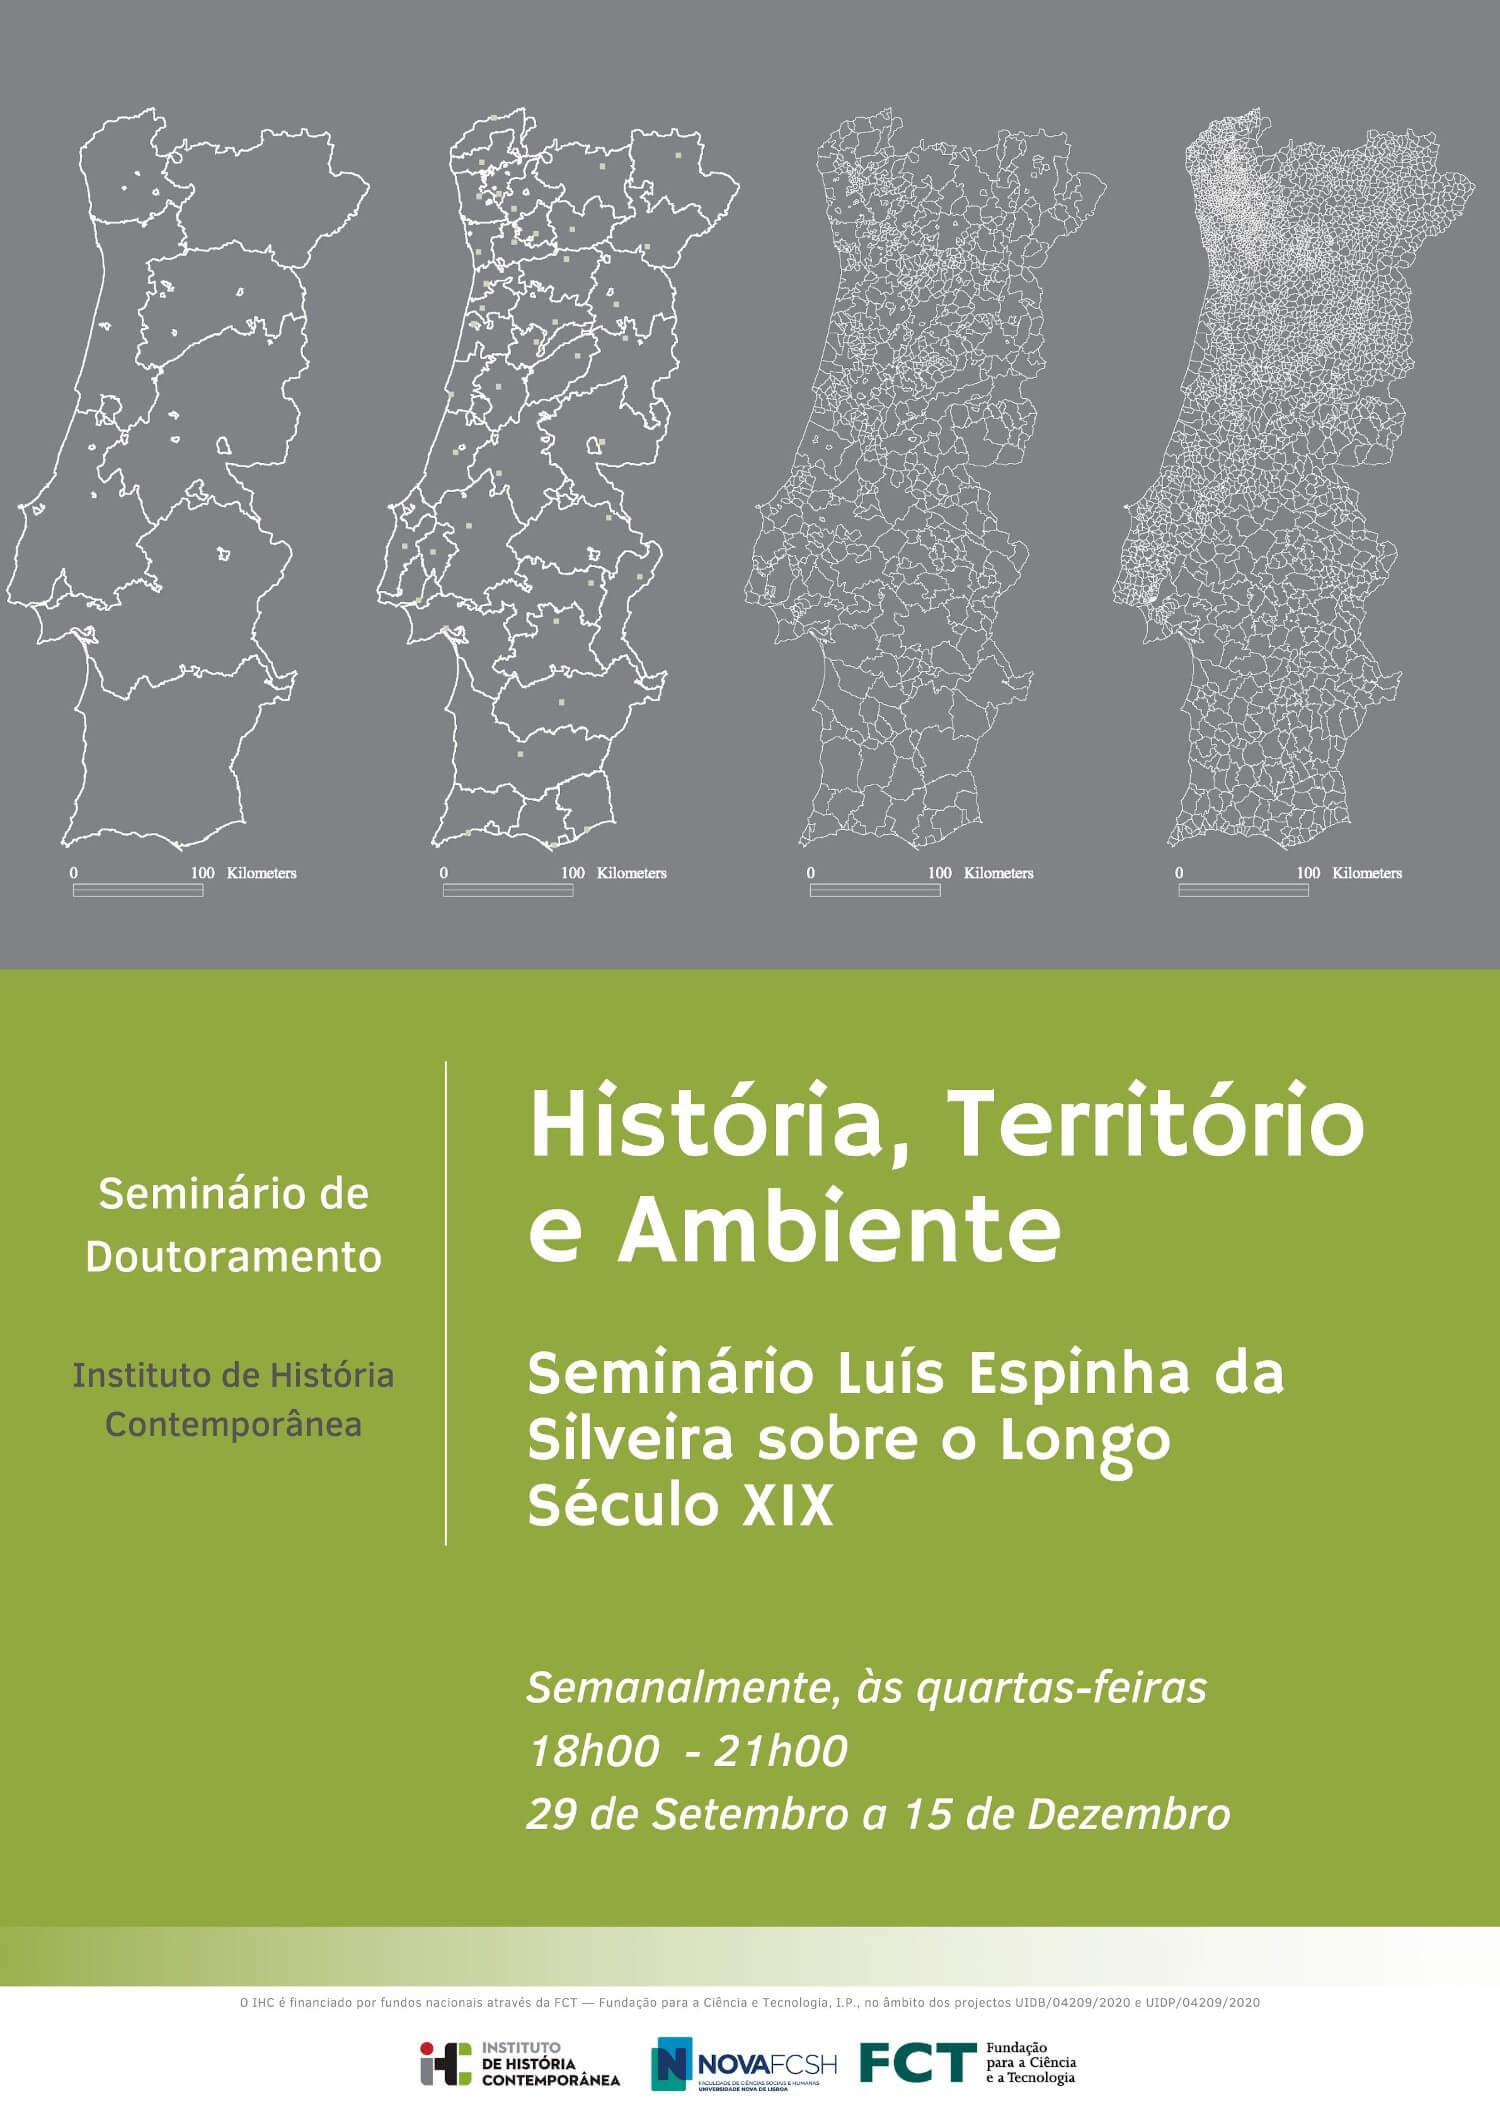 """Cartaz do seminário """"História, Território e Ambiente: Seminário Luís Espinha da Silveira sobre o Longo Século XIX"""""""